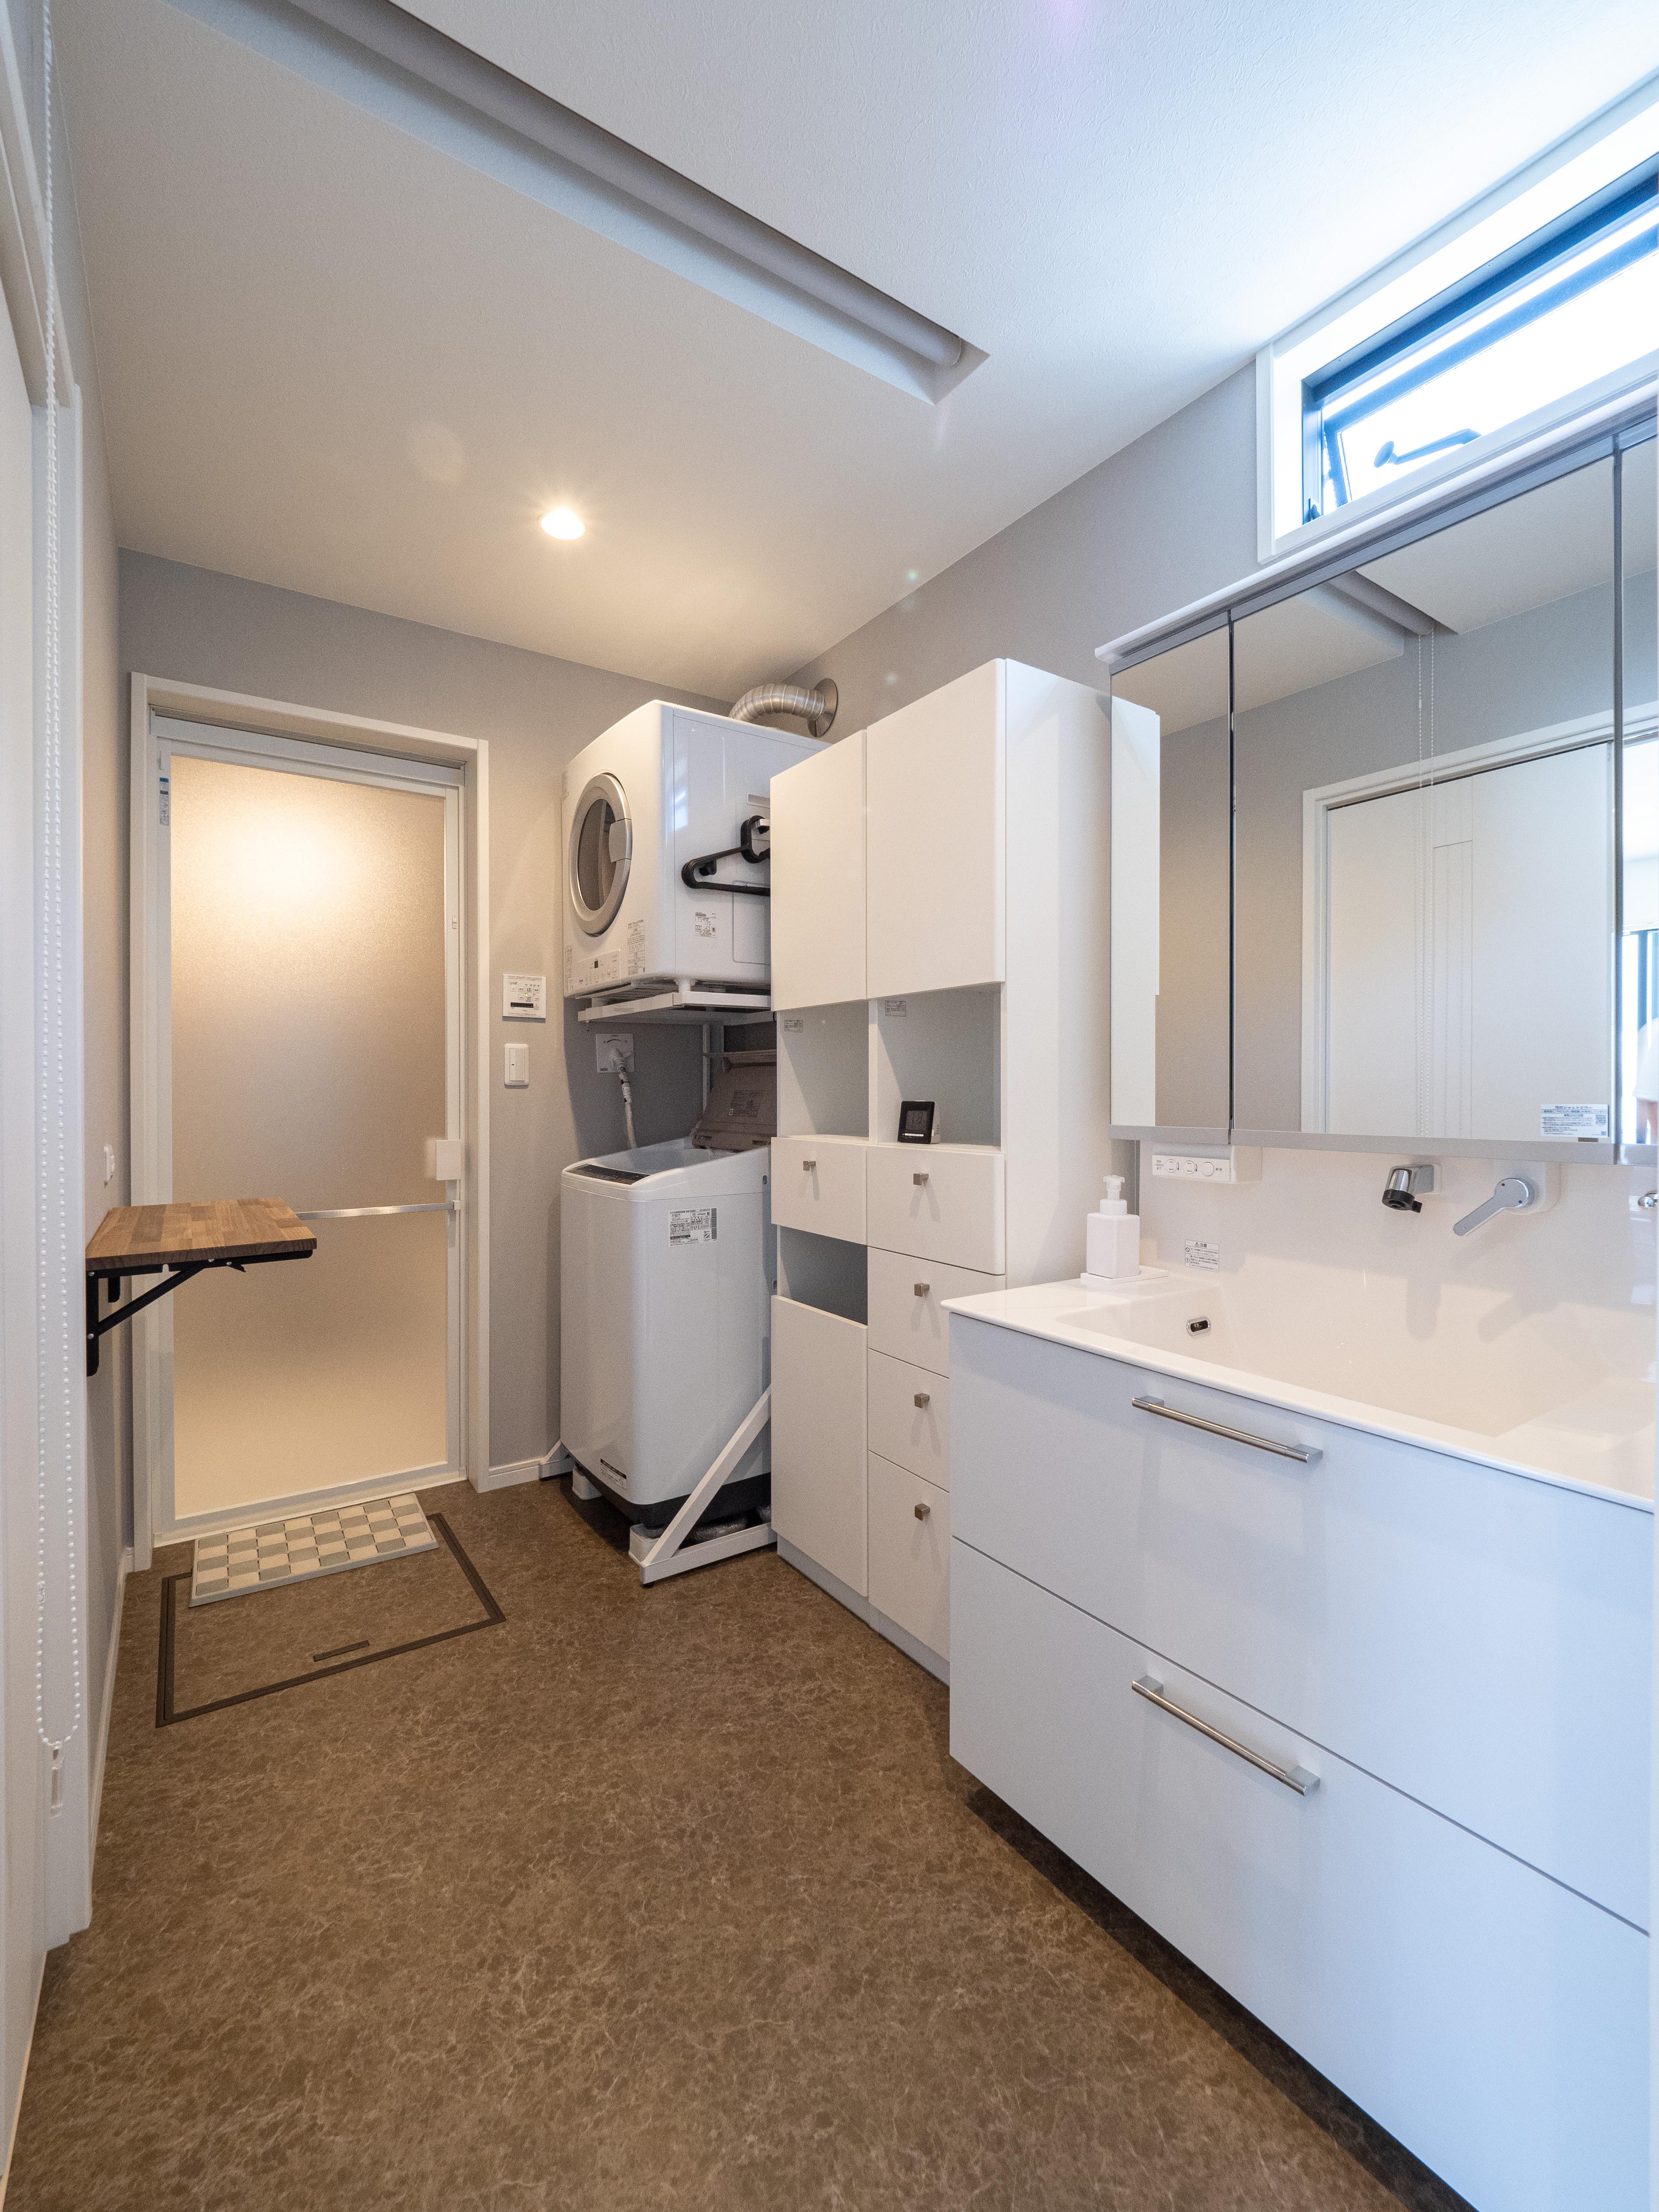 クレバリーホーム浜松東店【デザイン住宅、夫婦で暮らす、間取り】洗面スペースと脱衣スペースの間に天井埋込ロールスクリーンを設け、見た目はすっきり、タイミングに応じて仕切ることができる